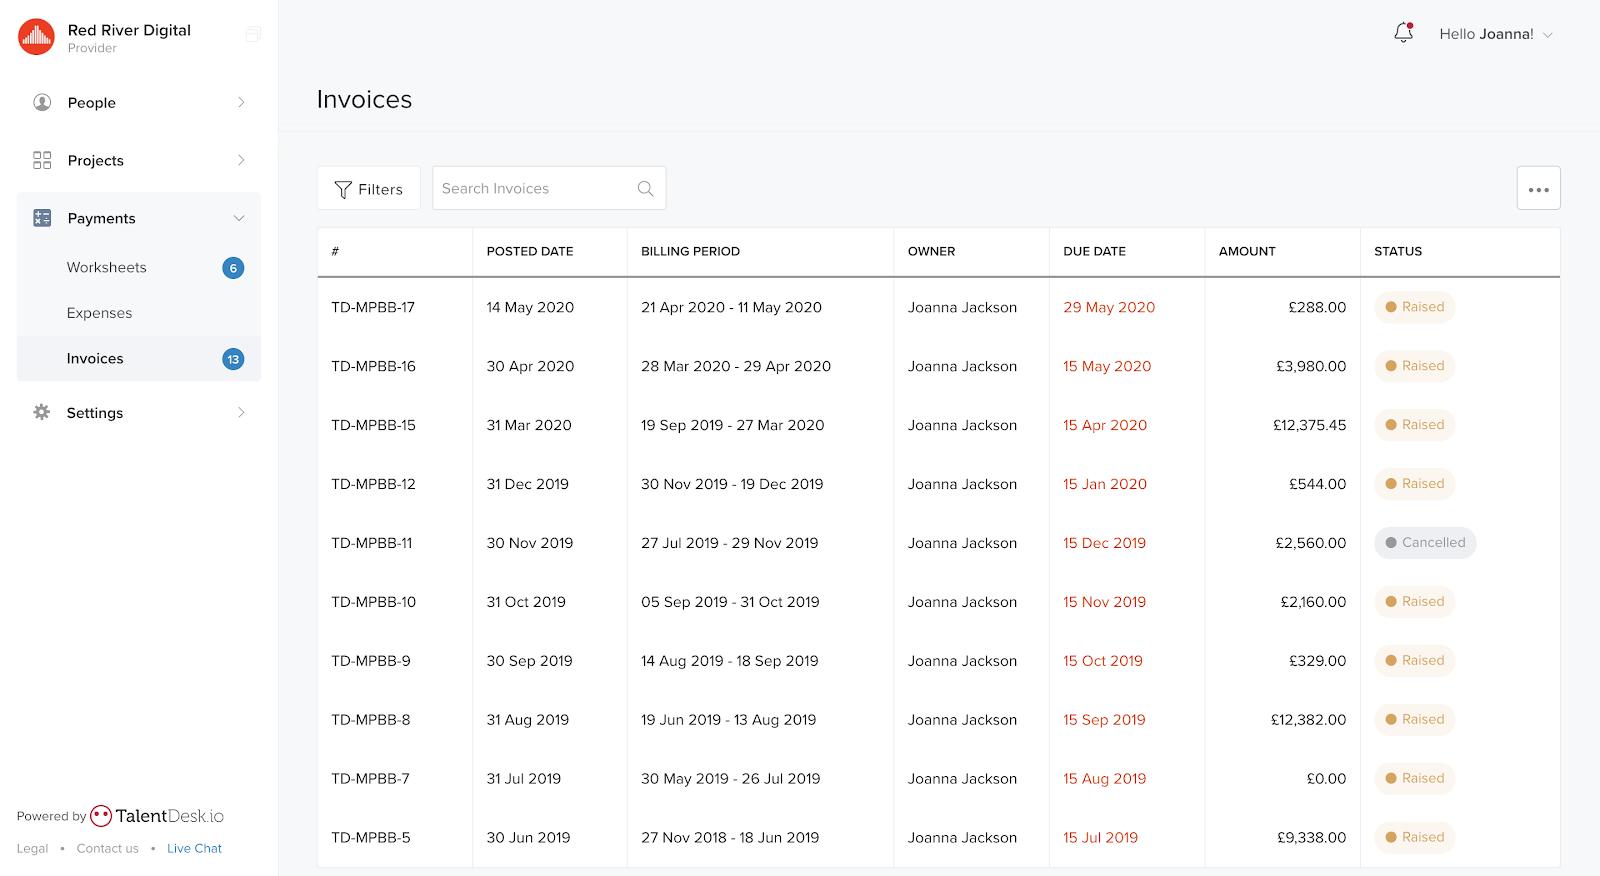 Screenshot 2020-09-18 at 16.43.23